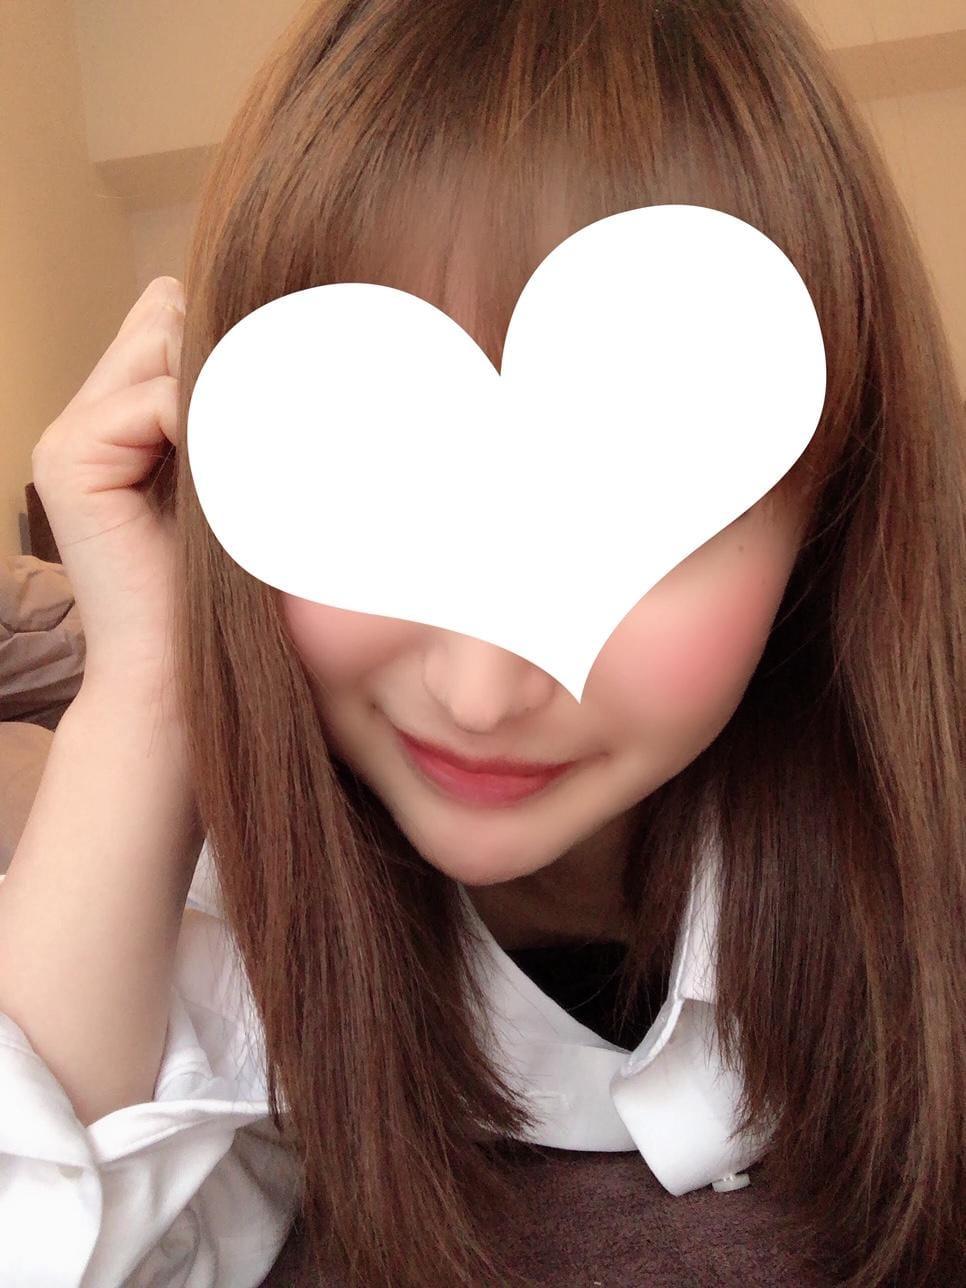 「昨日のお礼❤︎」08/05日(水) 09:19 | のぞみの写メ・風俗動画